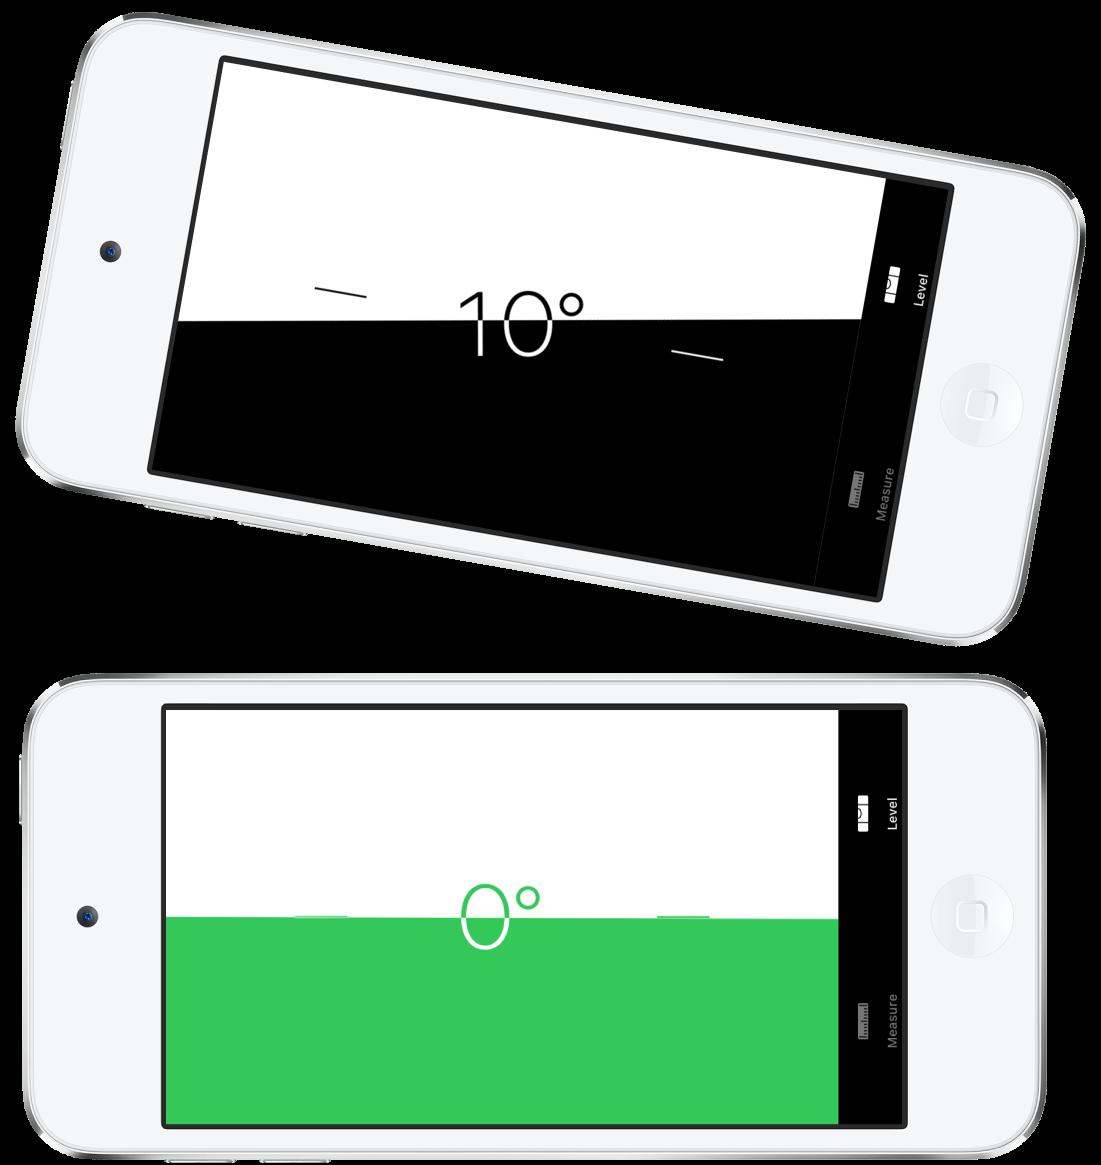 L'écran du niveau à bulle. En haut, l'iPodtouch est orienté à un angle de dixdegrés; en bas, l'iPodtouch est à plat.